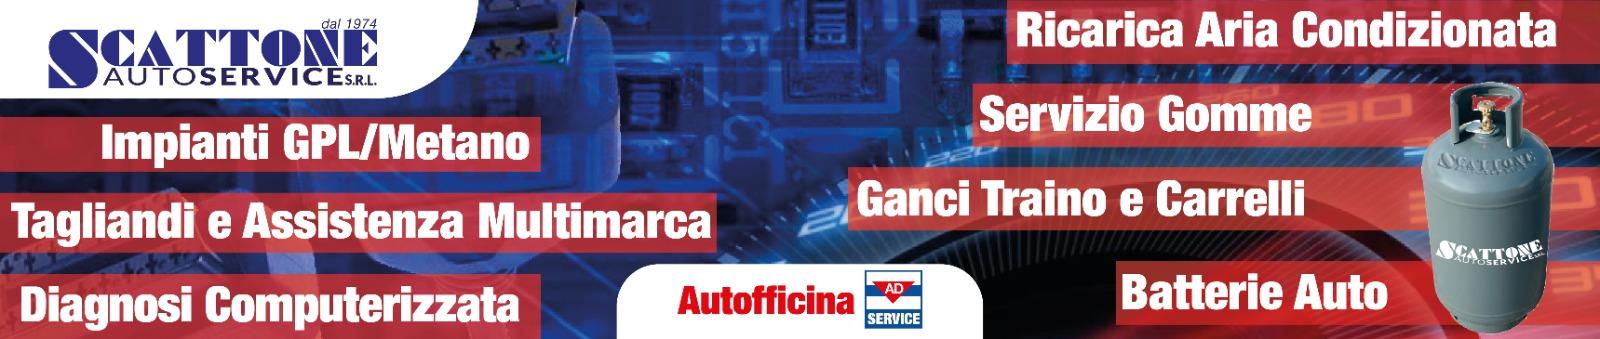 Scattone auto service